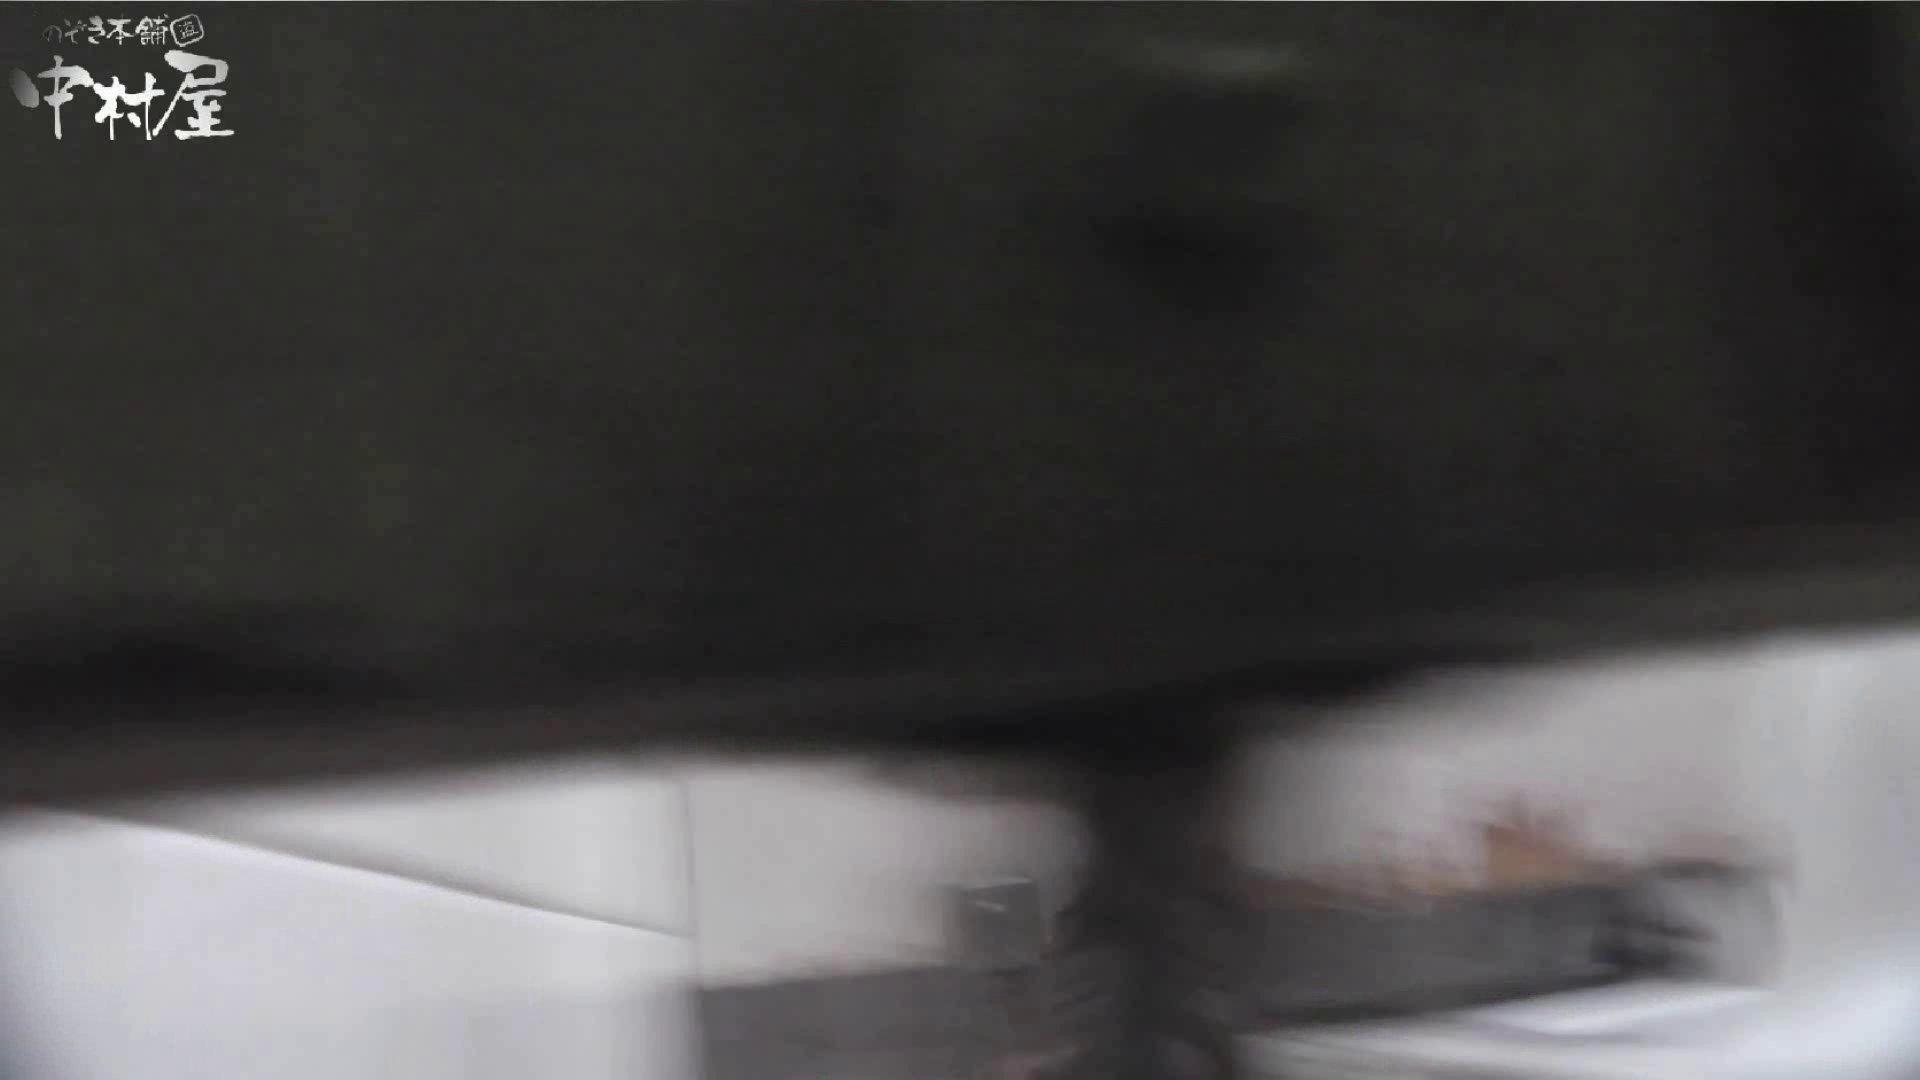 vol.37 命がけ潜伏洗面所! 剛毛モリモリ 後編 潜入突撃 盗撮動画紹介 98pic 67